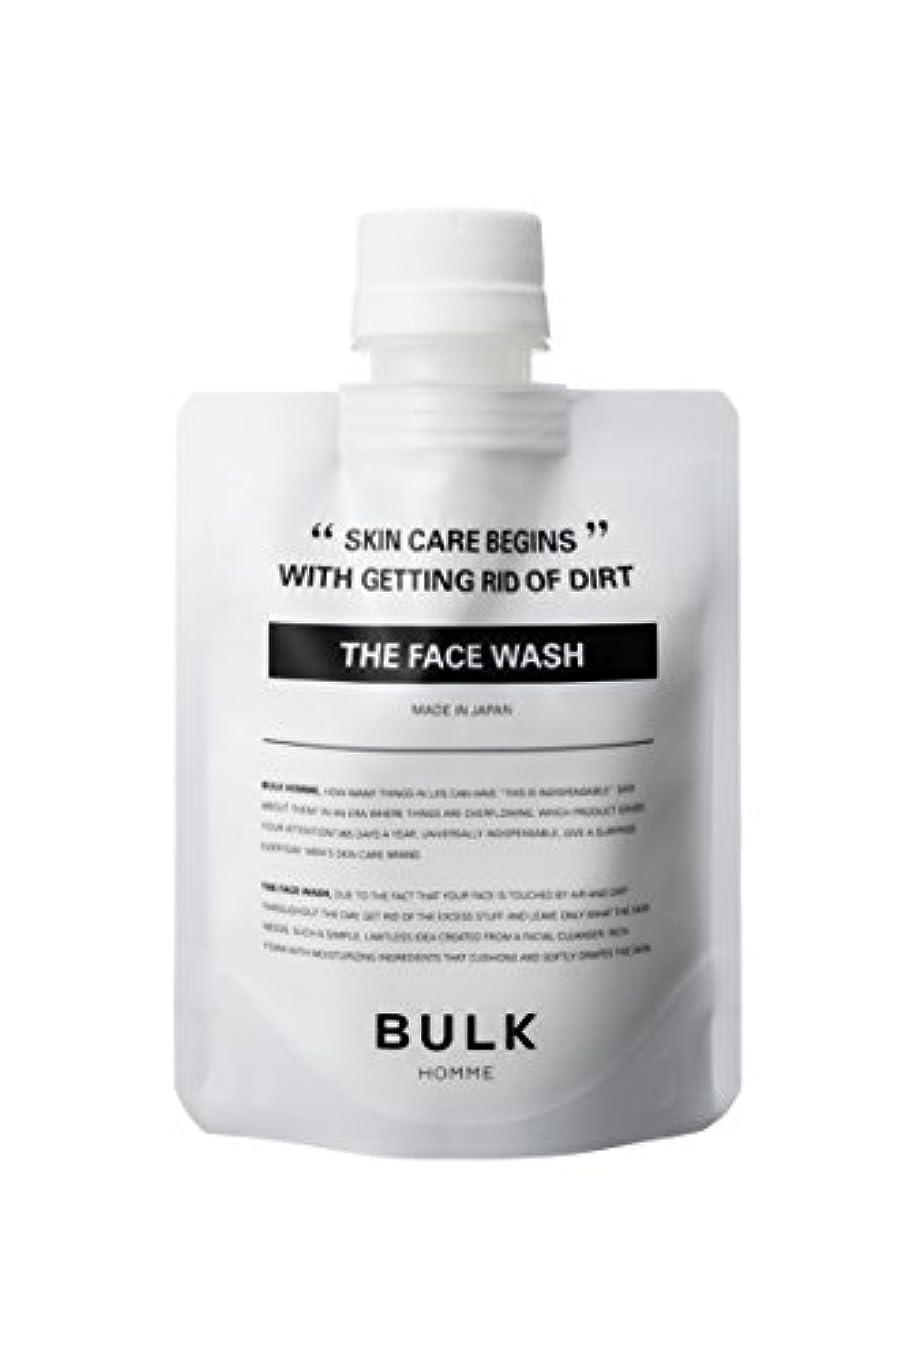 者アライアンスエスカレートBULK HOMME THE FACE WASH 洗顔料 100g